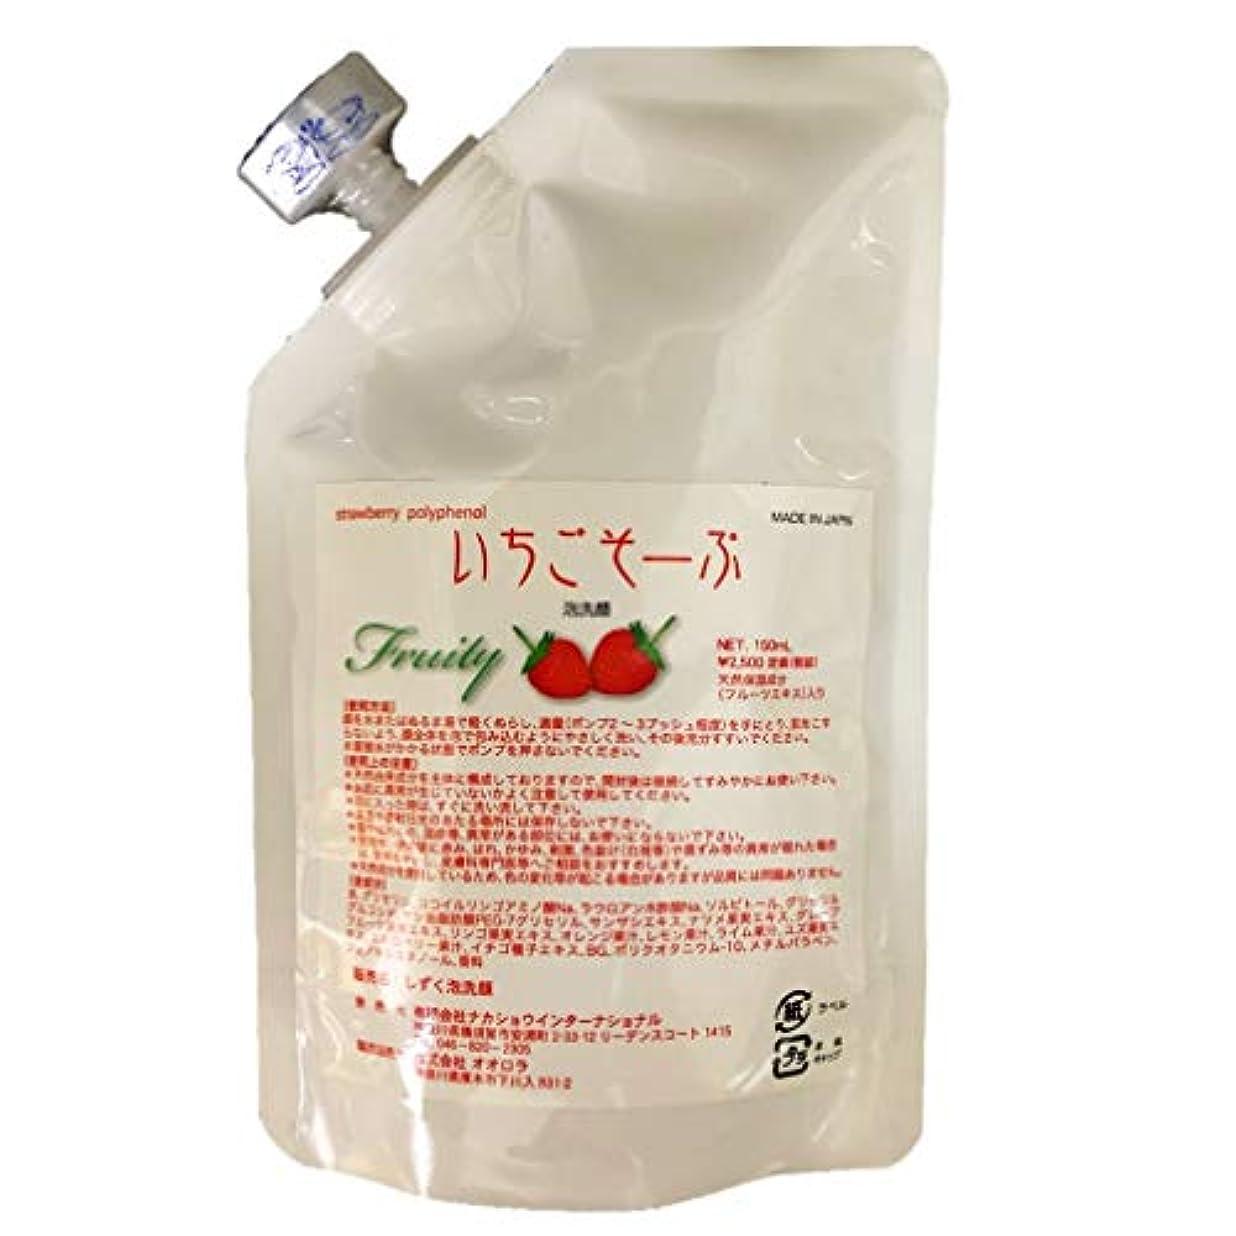 完全に乾く書道カカドゥいちごそーぷ 泡洗顔料 150mL詰替えパウチ 超保湿を優しいフルーツで